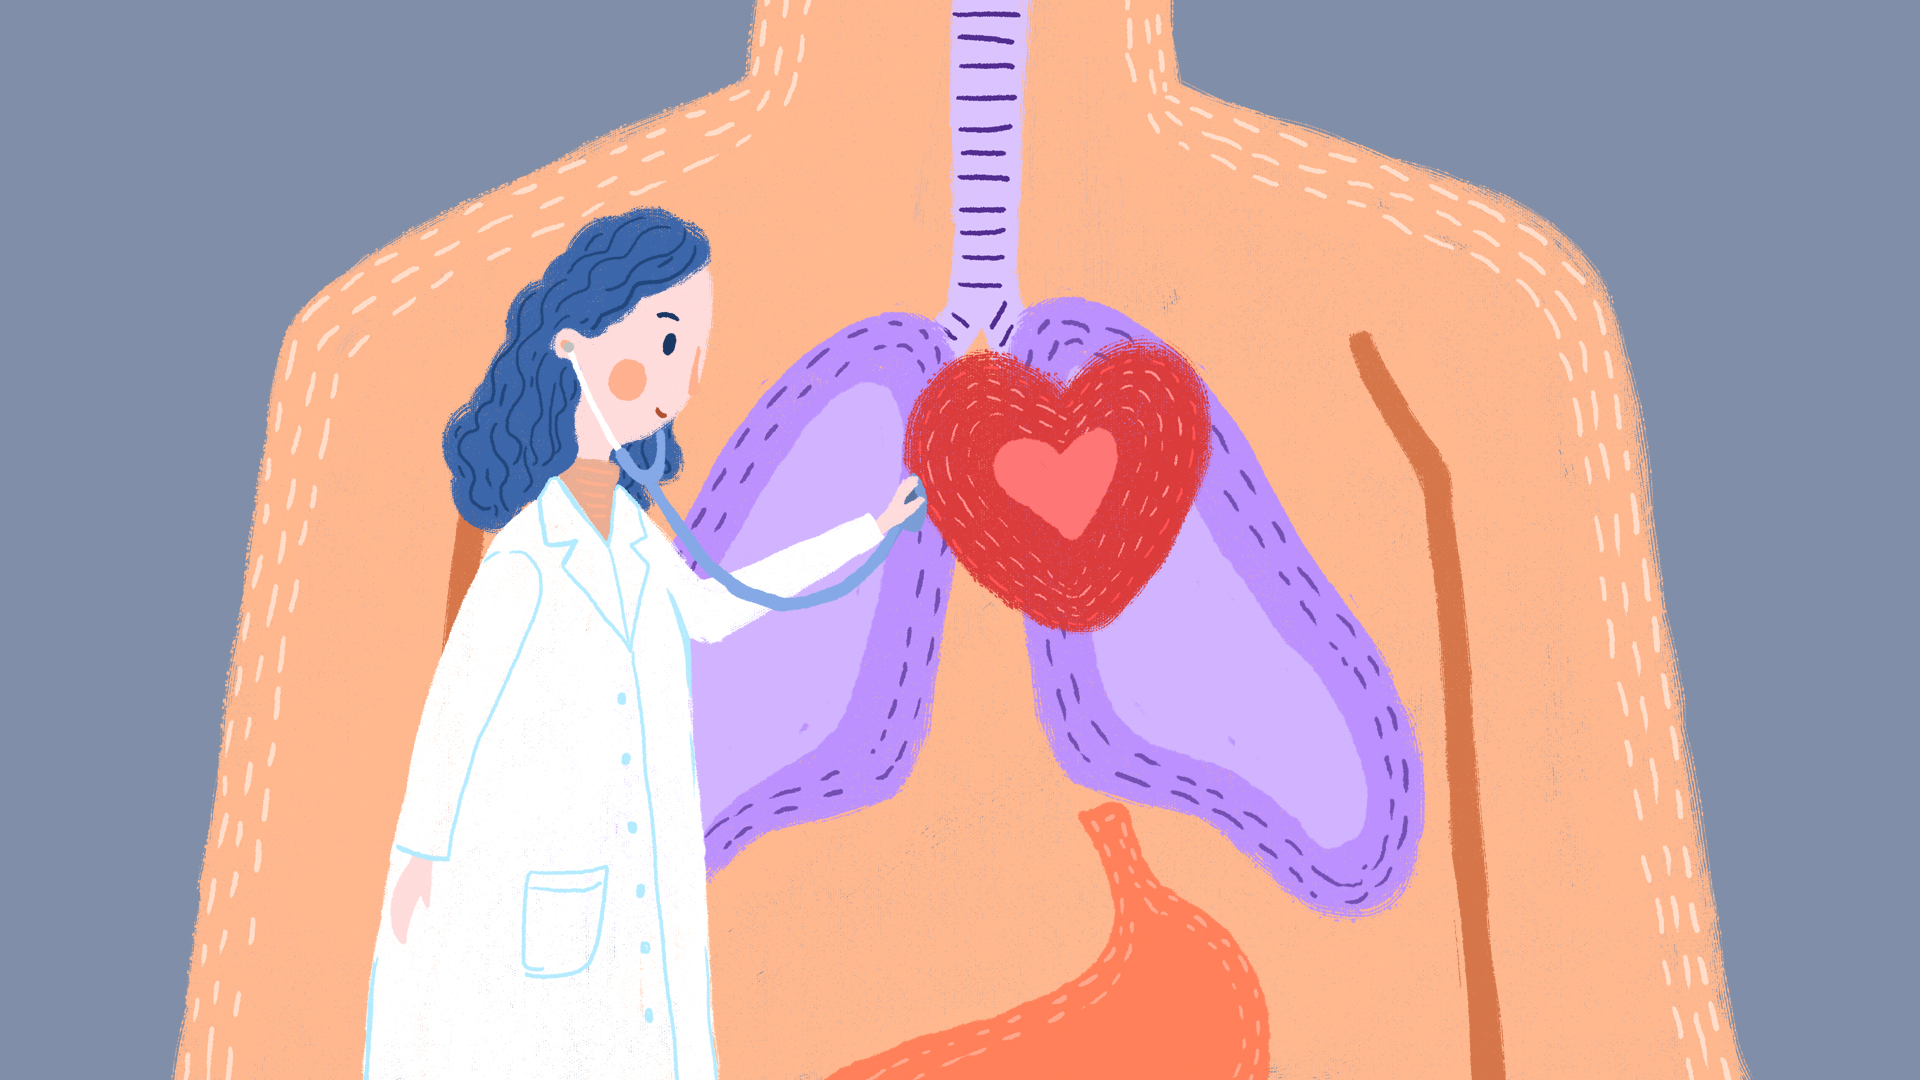 彝心康胶囊用药相应的功效是哪些